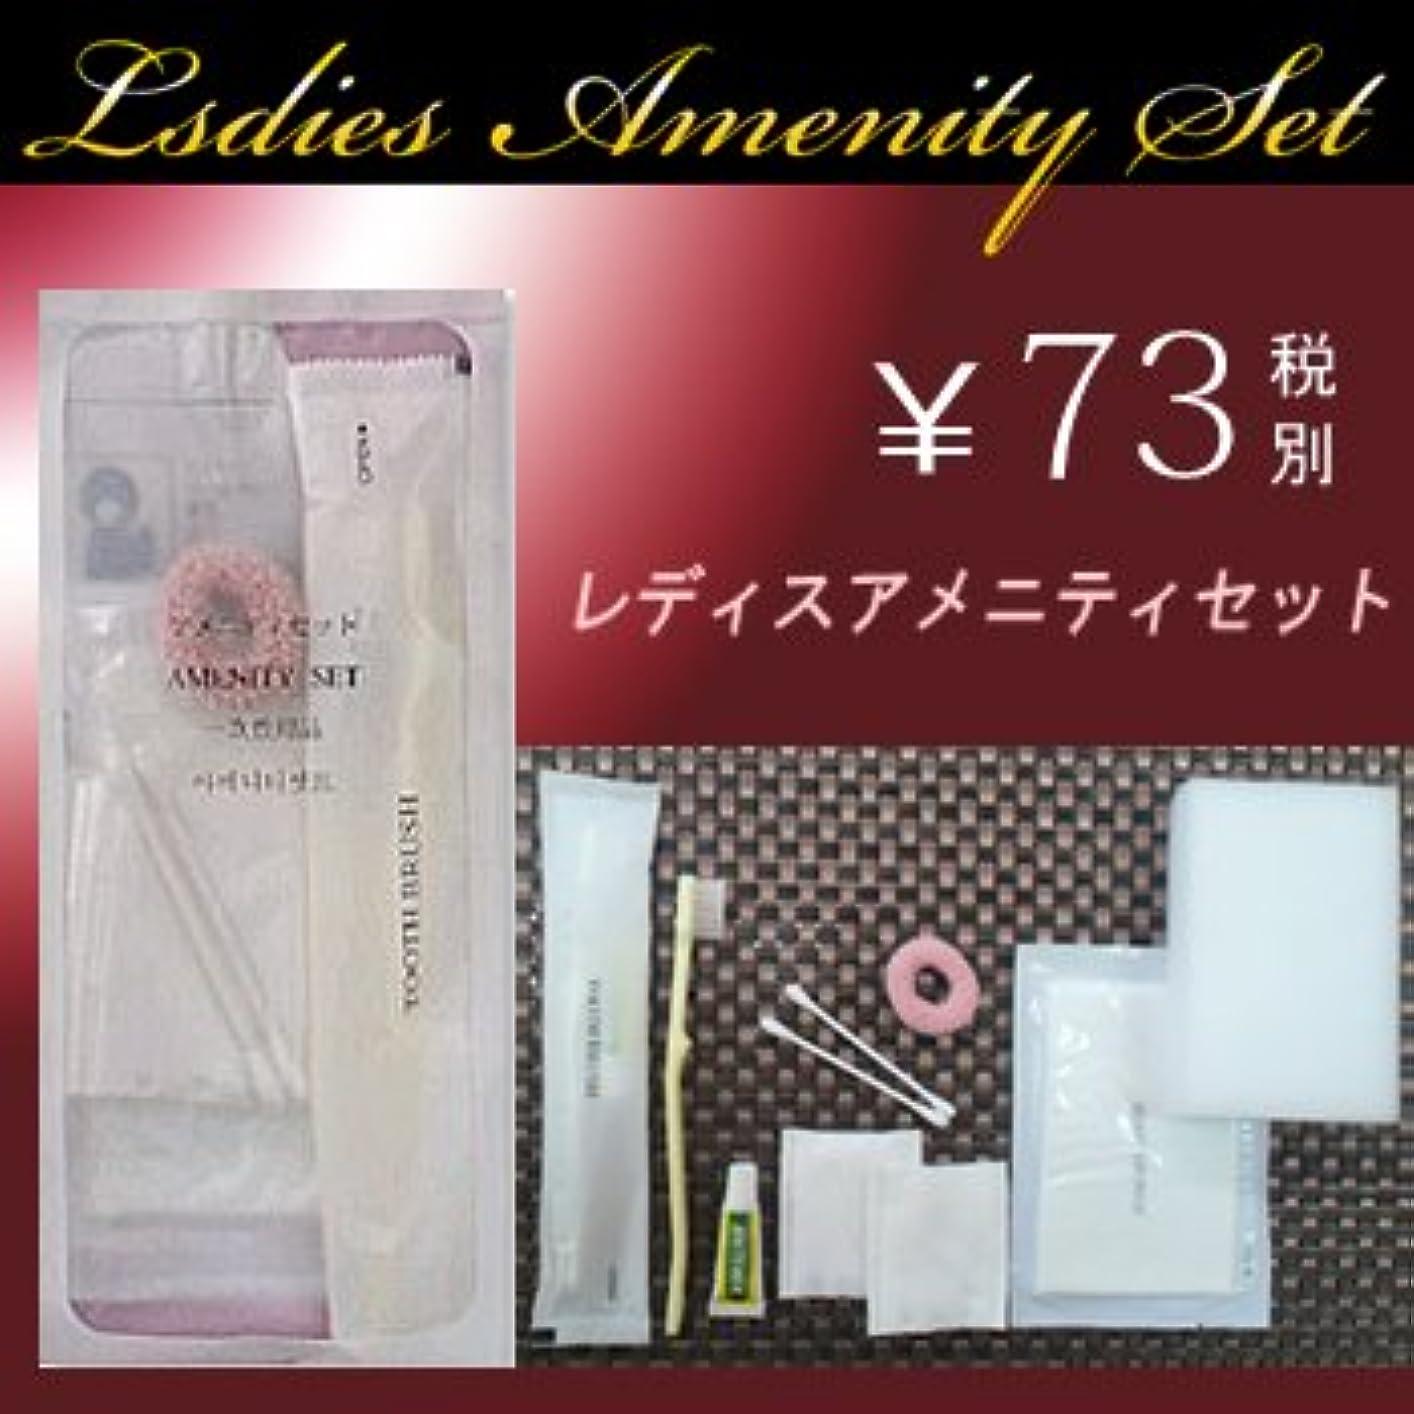 労働者排除包帯レディスアメニティフルセット袋入(1セット300個入)